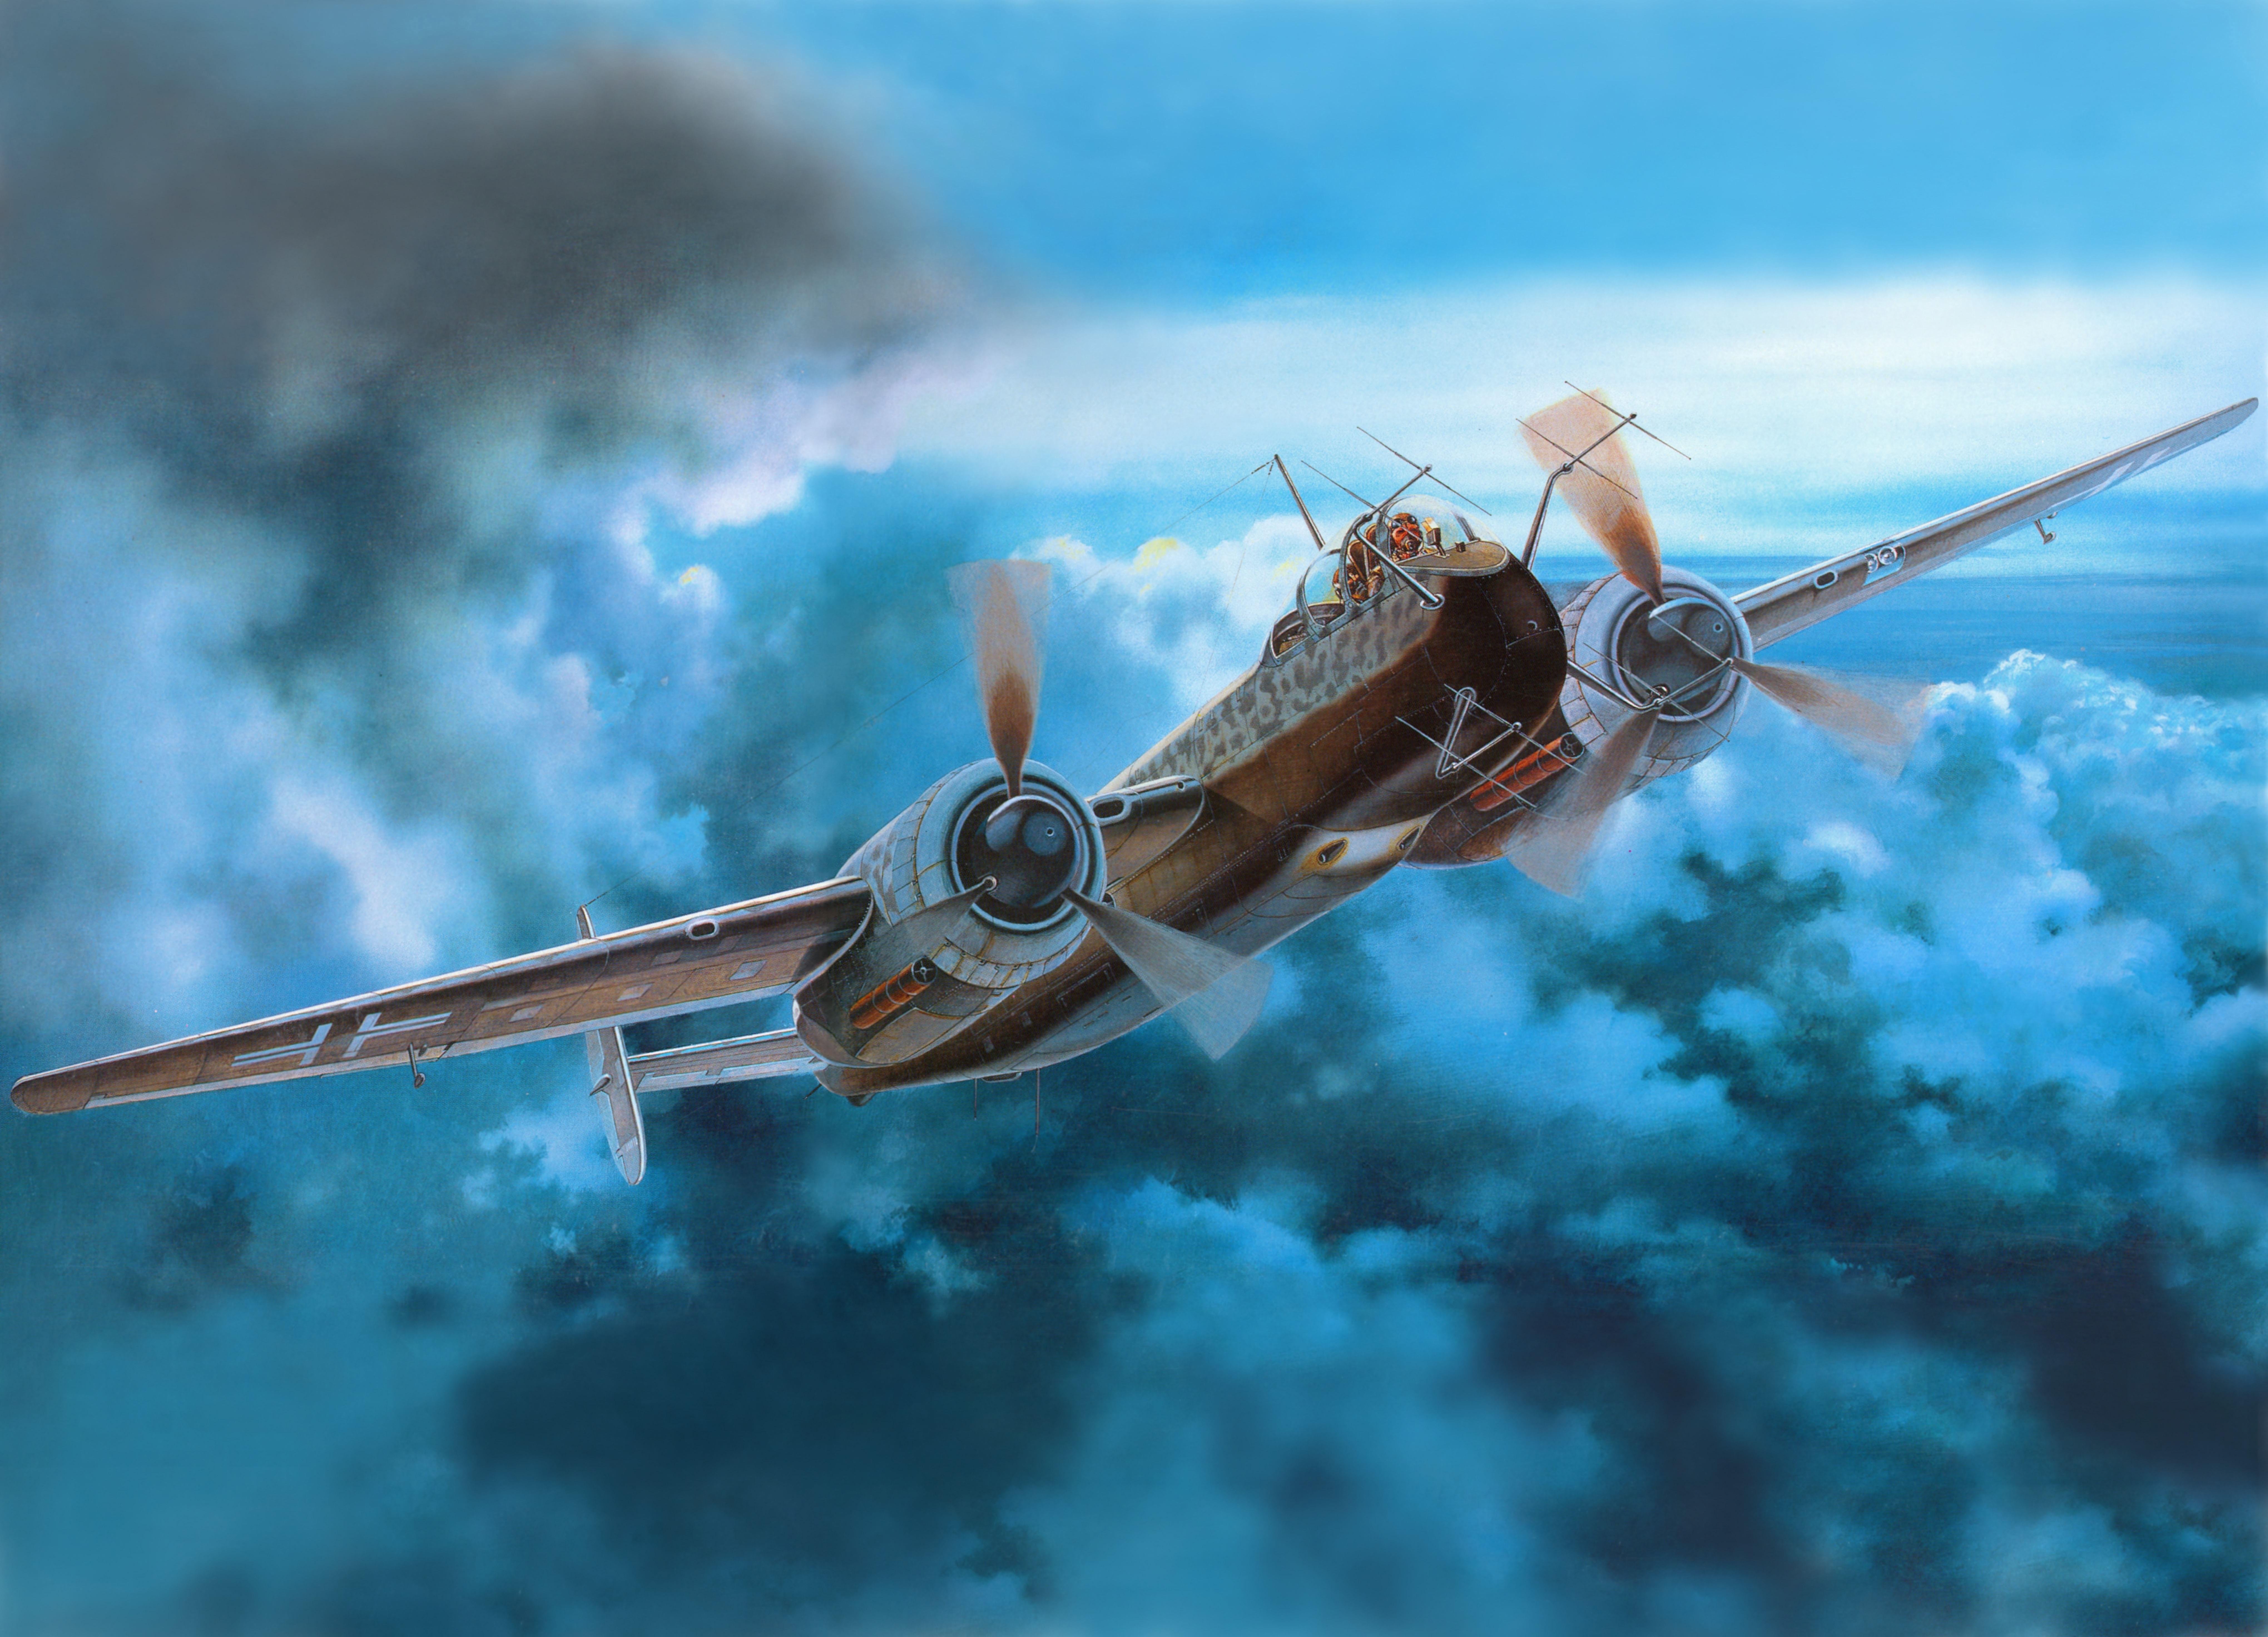 dessiner-un-avion_07